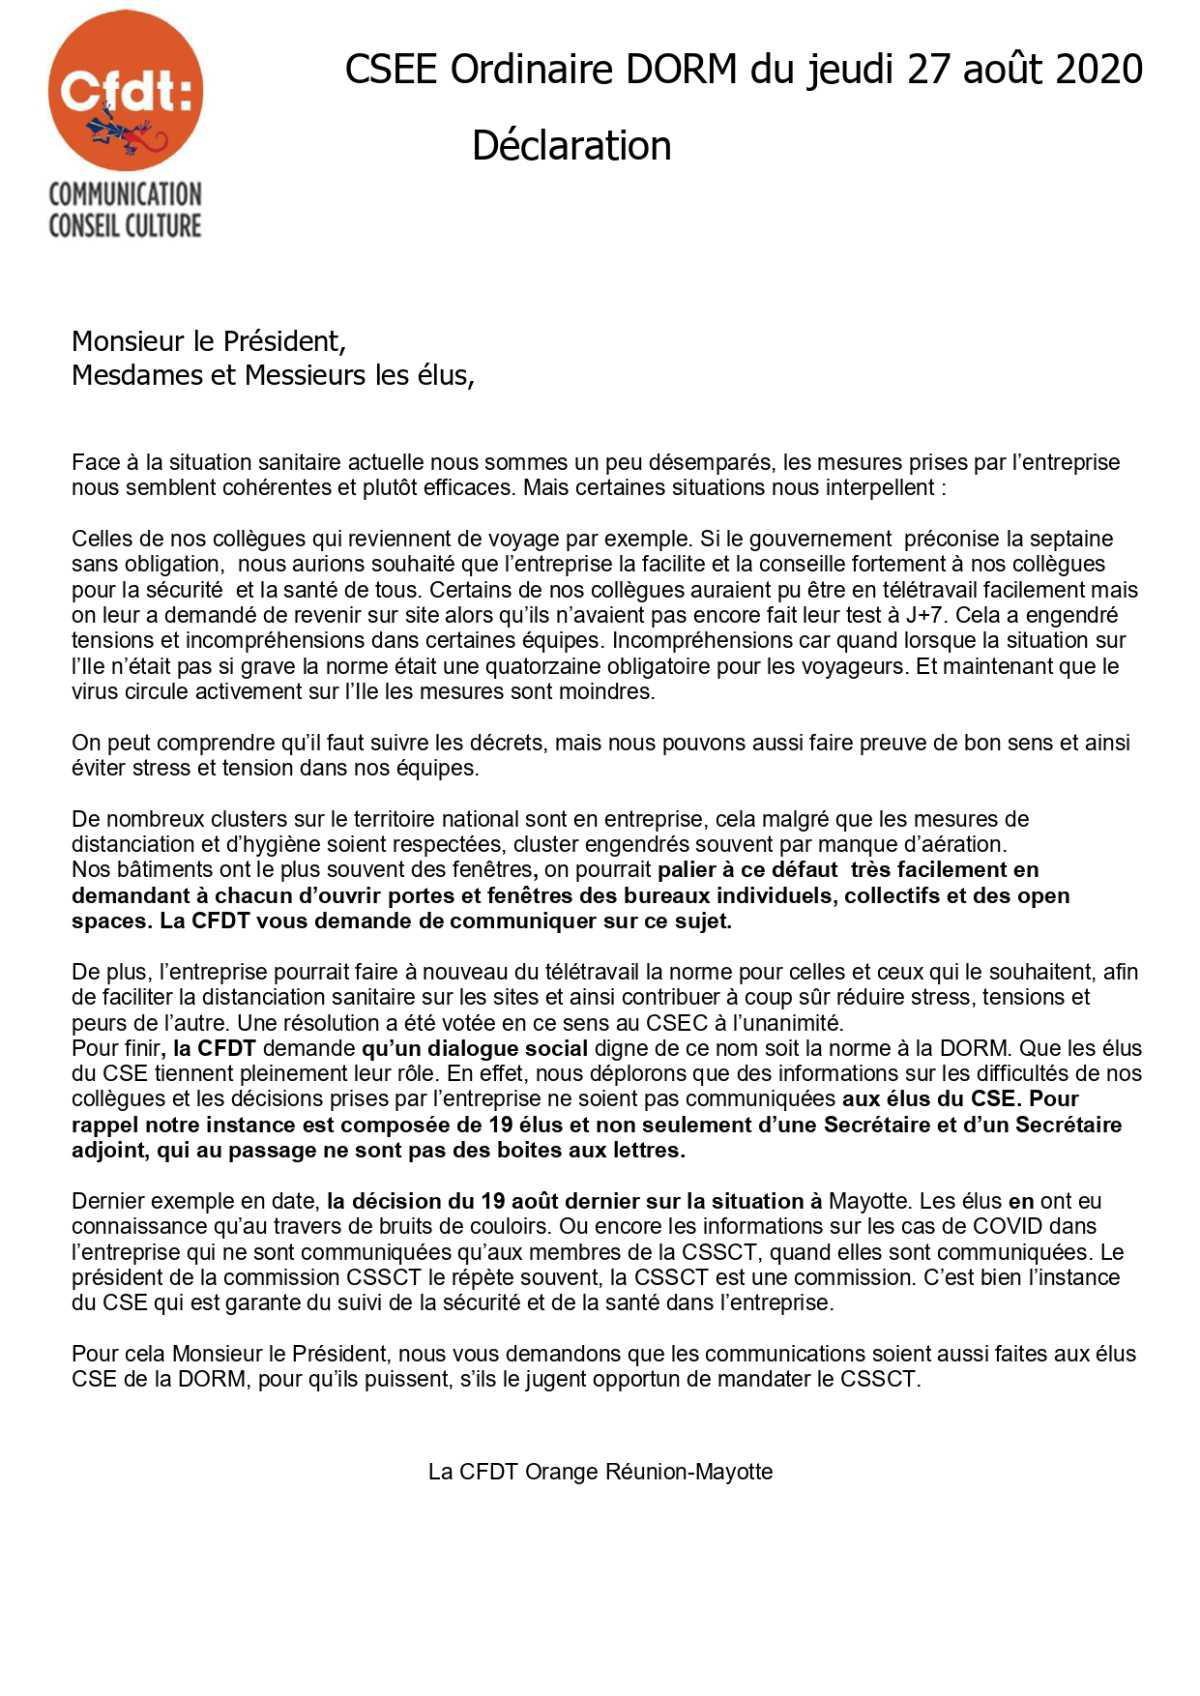 Déclaration de la CFDT lors du CSEE du 27 août